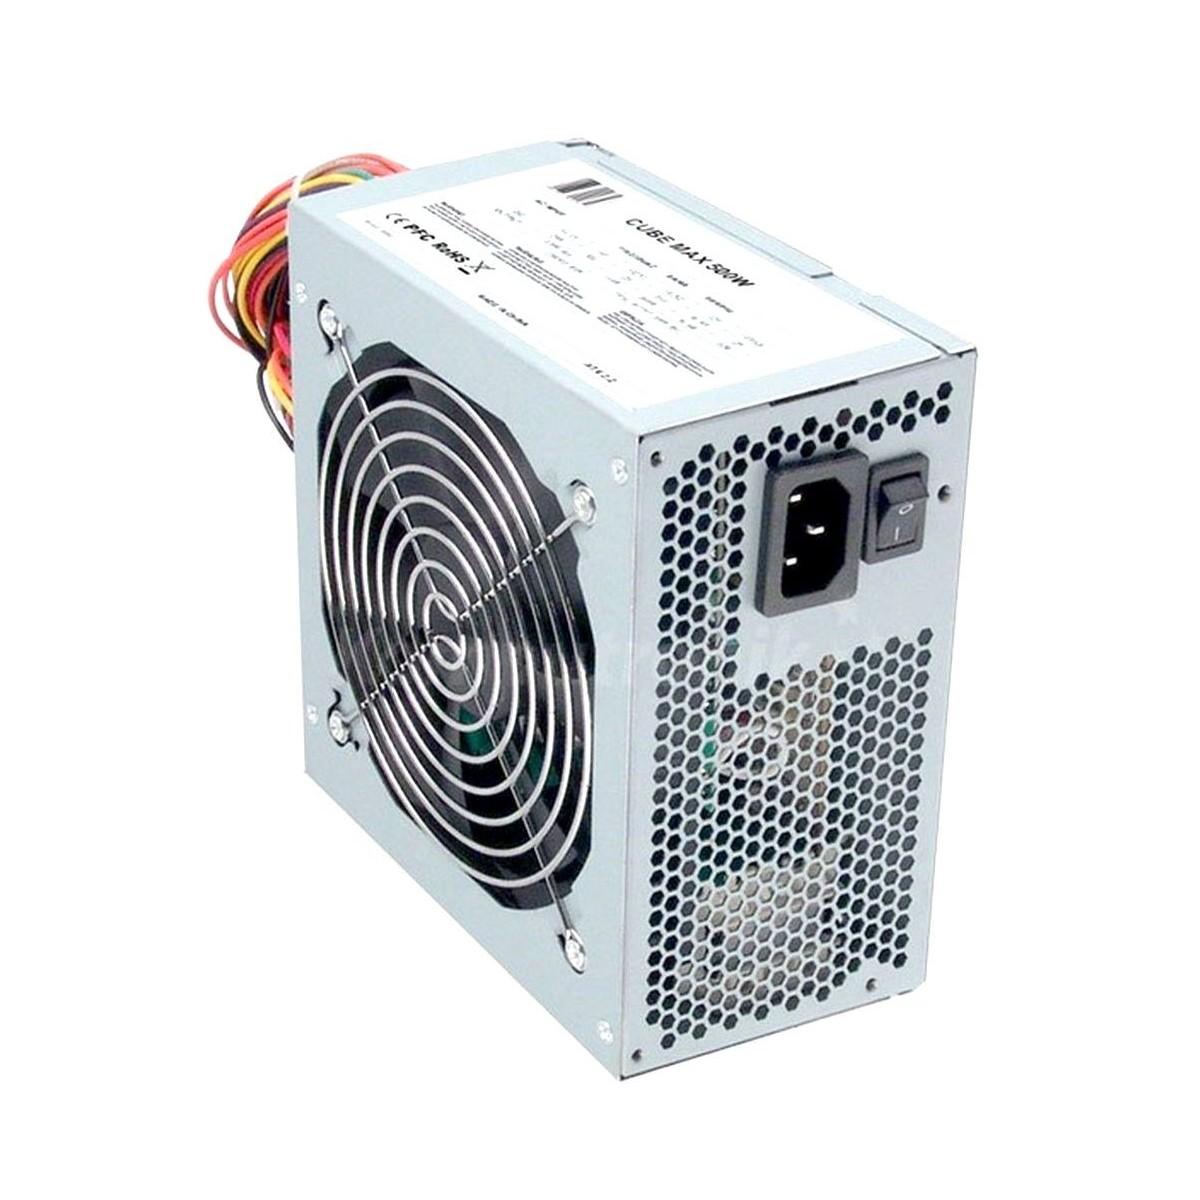 WIN2012 STD 5CAL+DELL T320 E5 2420v2 16GB SAS H310